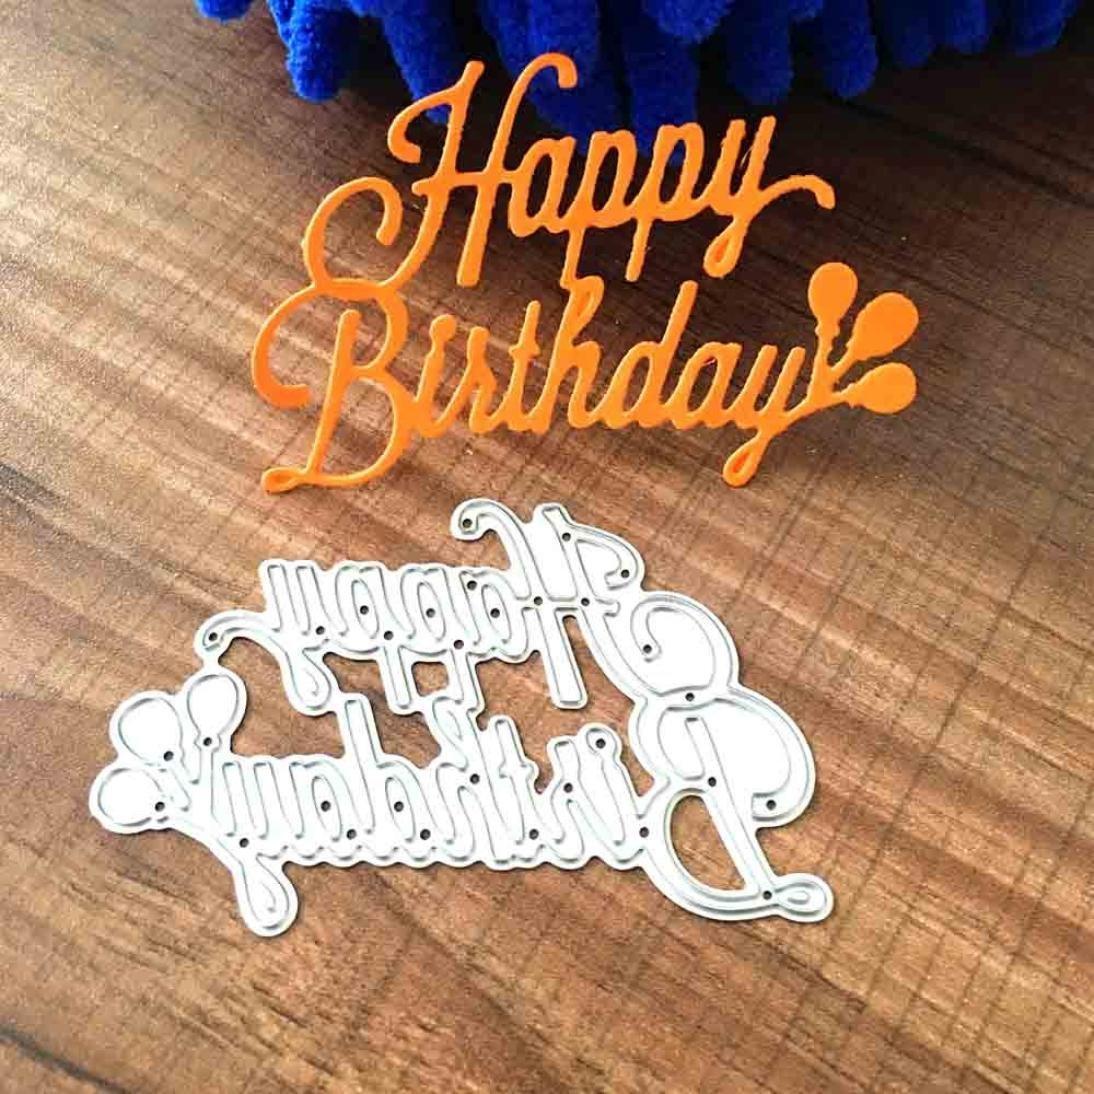 Fustelle Stencil Buon Compleanno Happy Birthday, U-horizon Matrici di taglio Cutting Dies per DIY scrapbooking, album fotografico, carta decorativa, fai da te, regalo